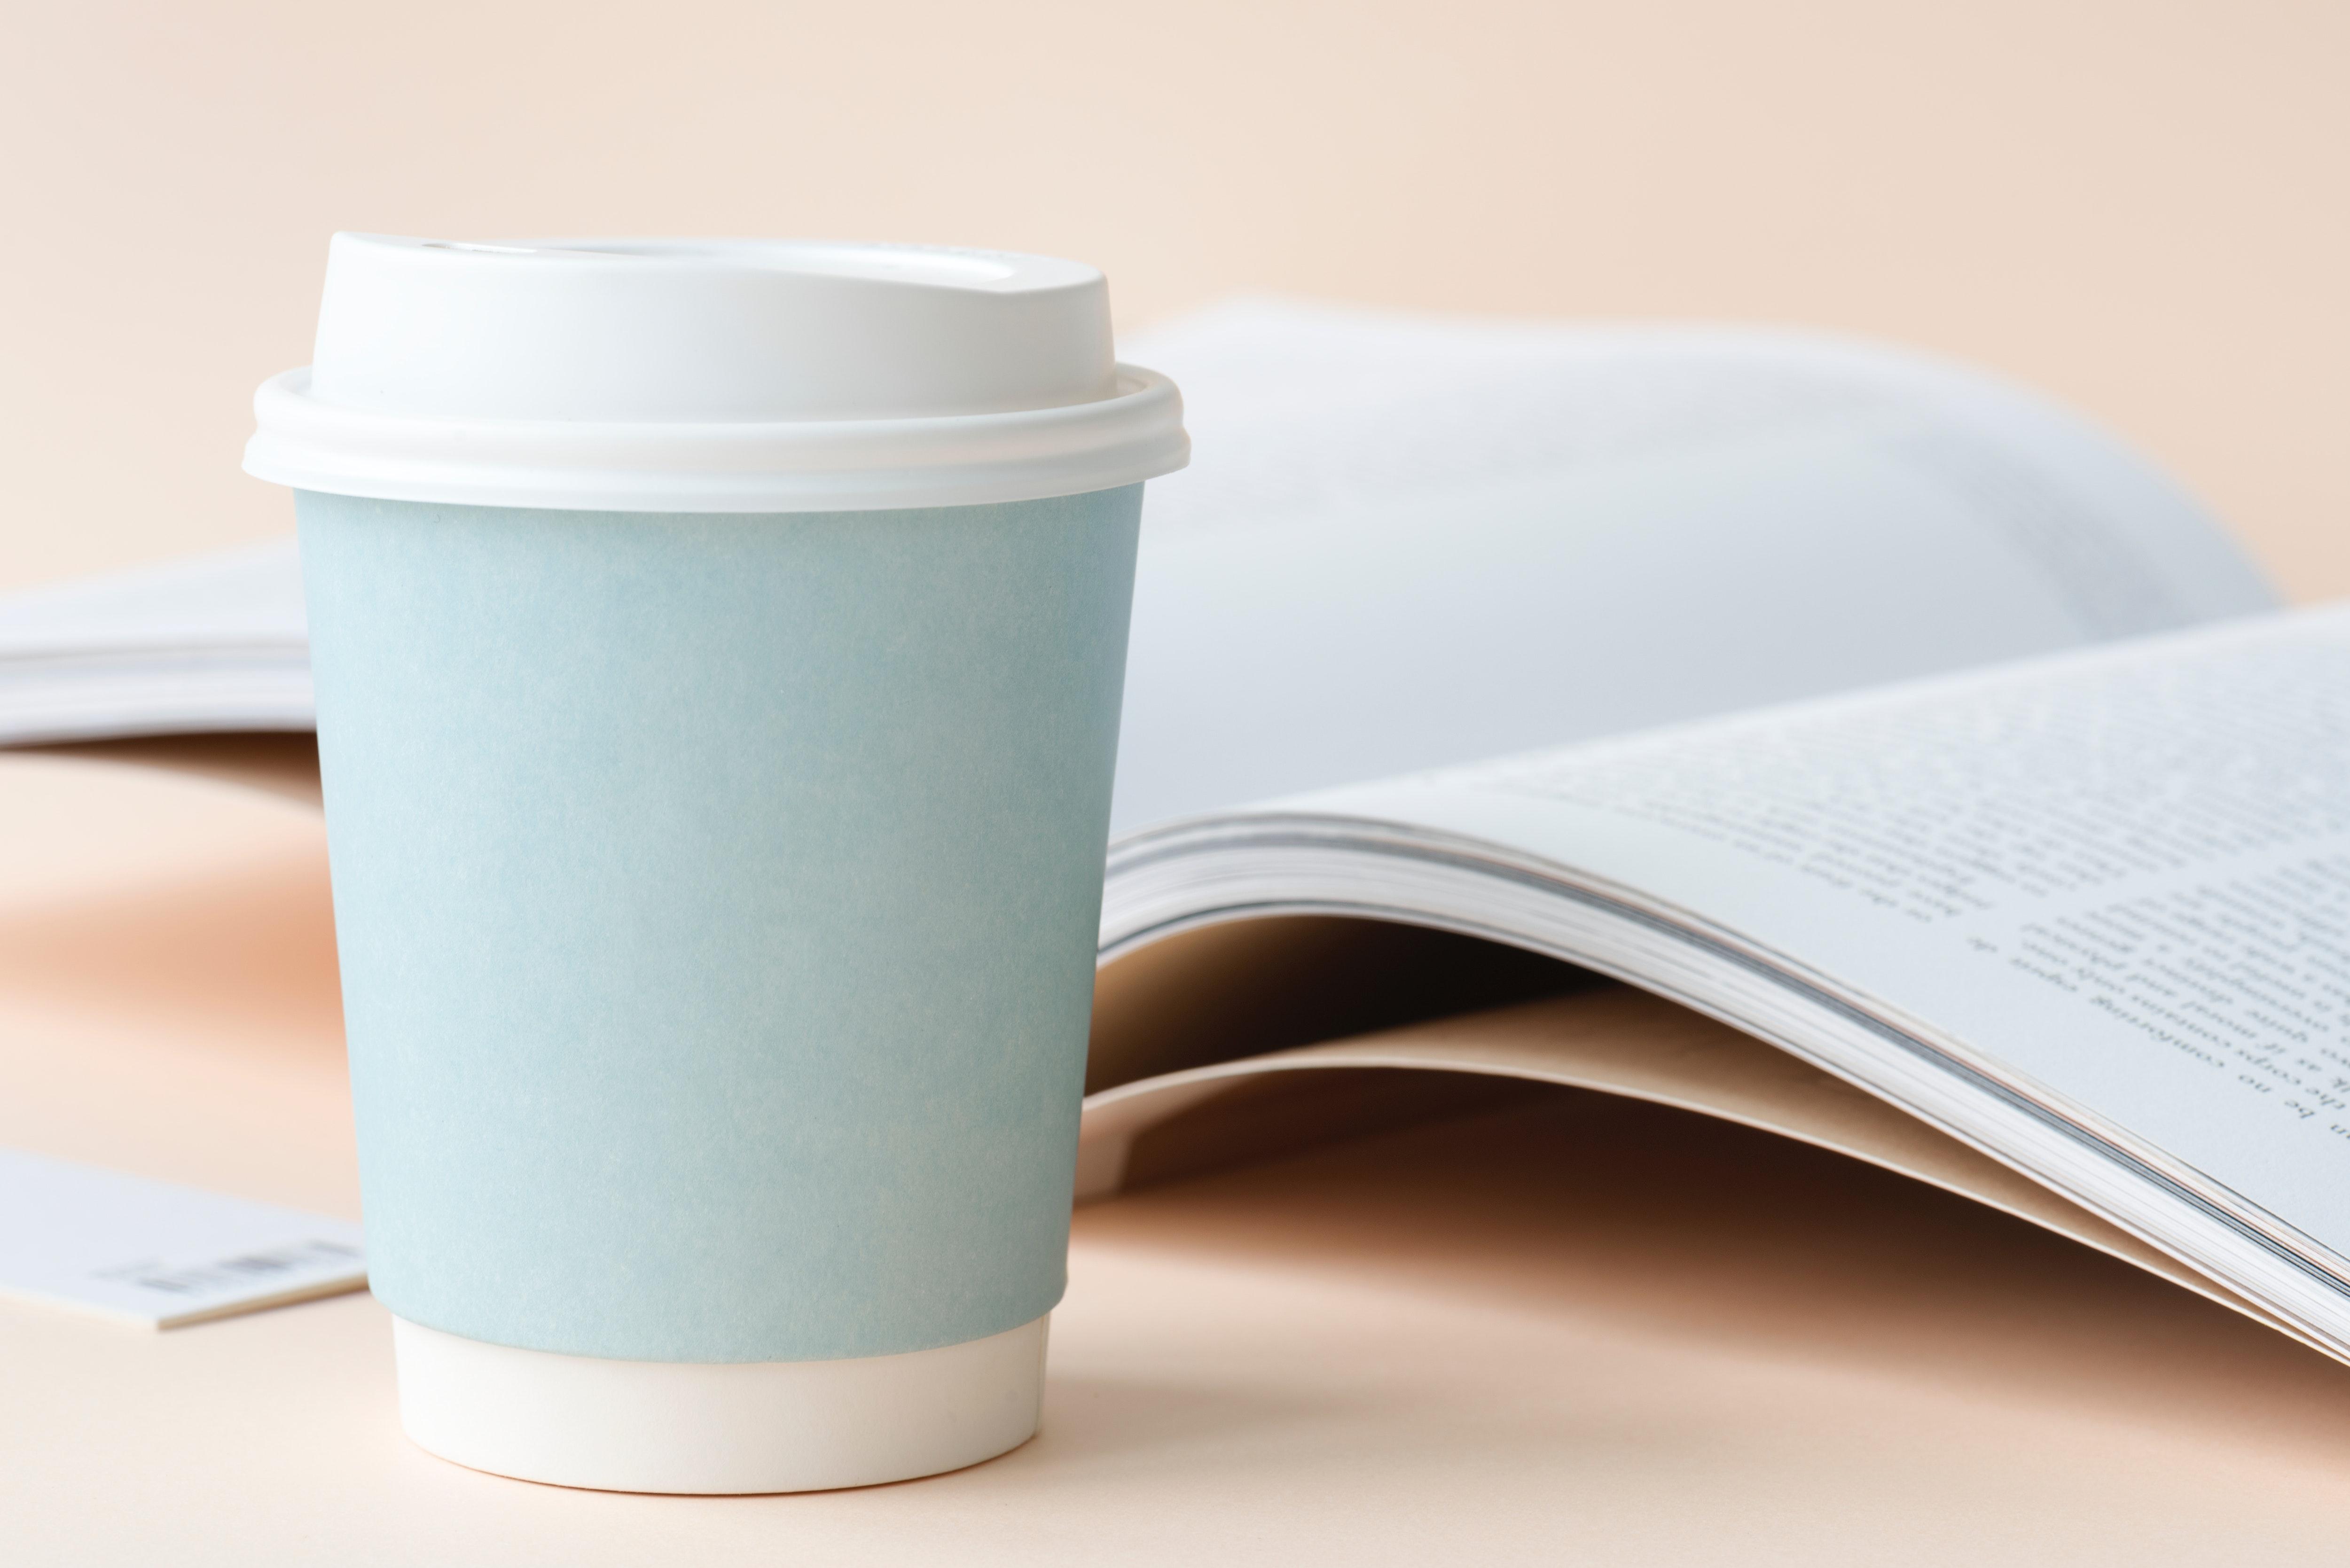 beverage-blur-book-734543